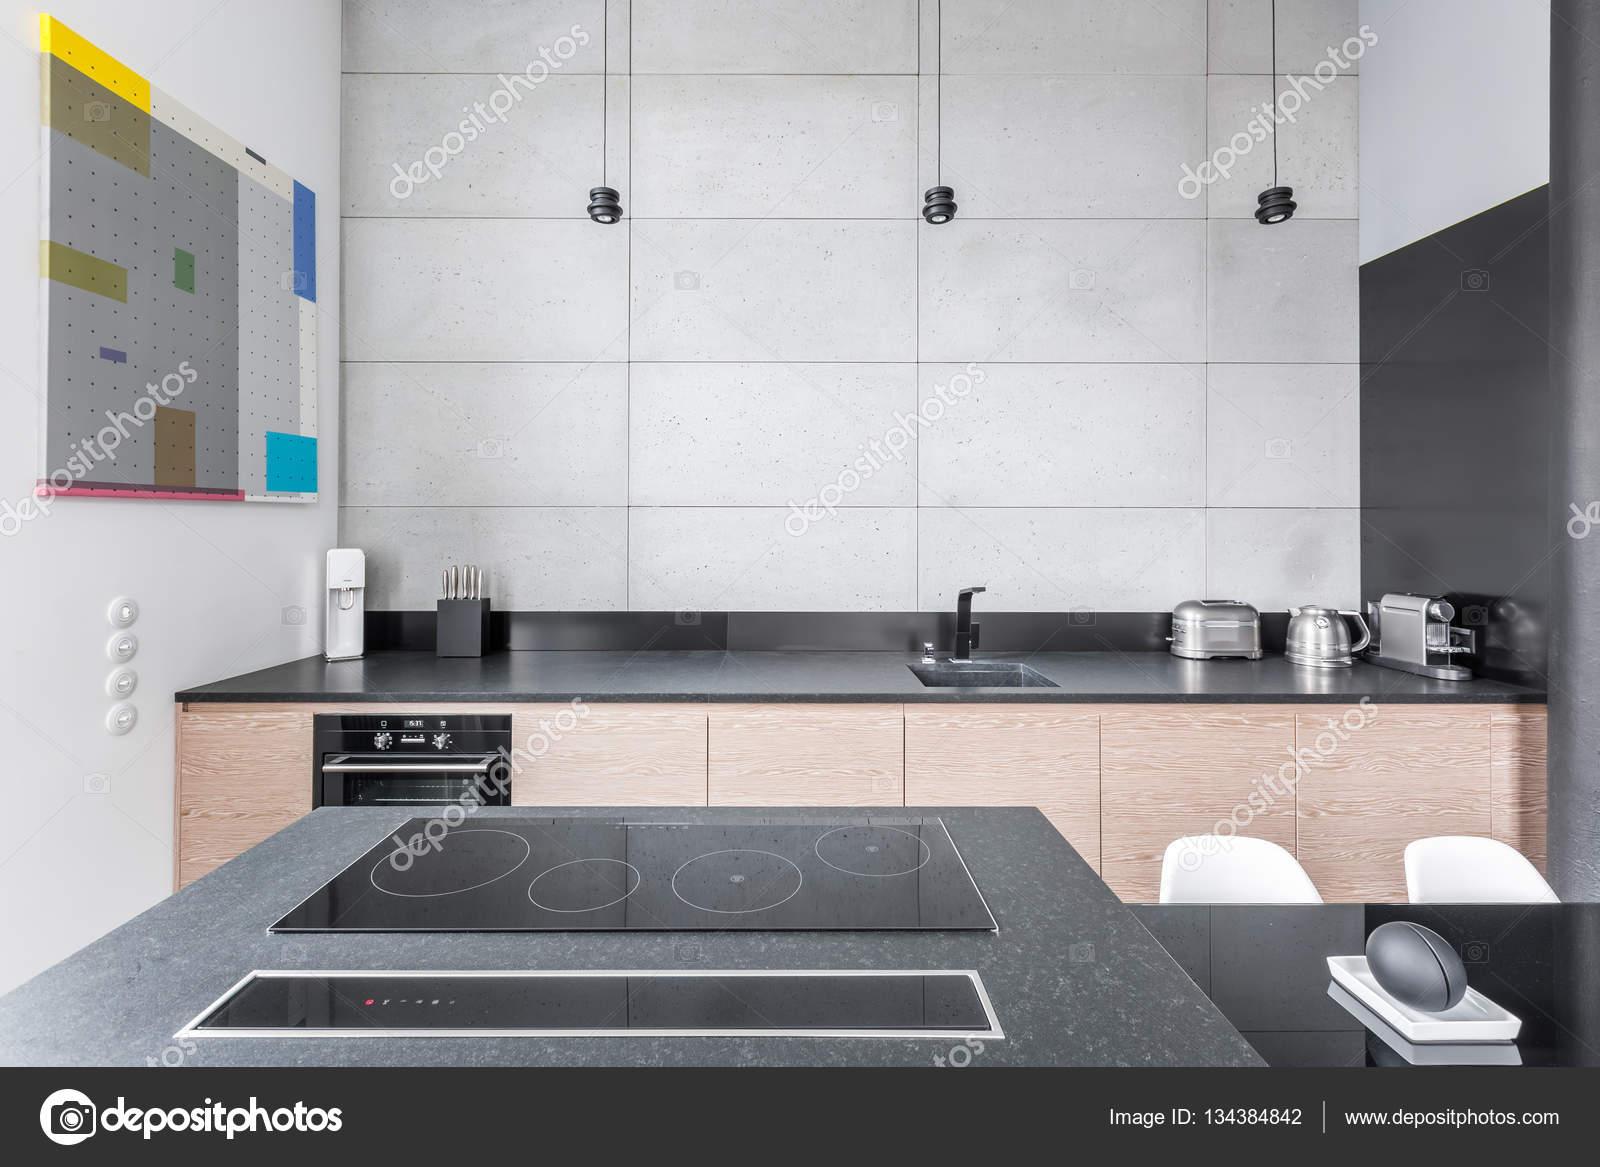 Keuken met granieten werkblad u stockfoto in mal